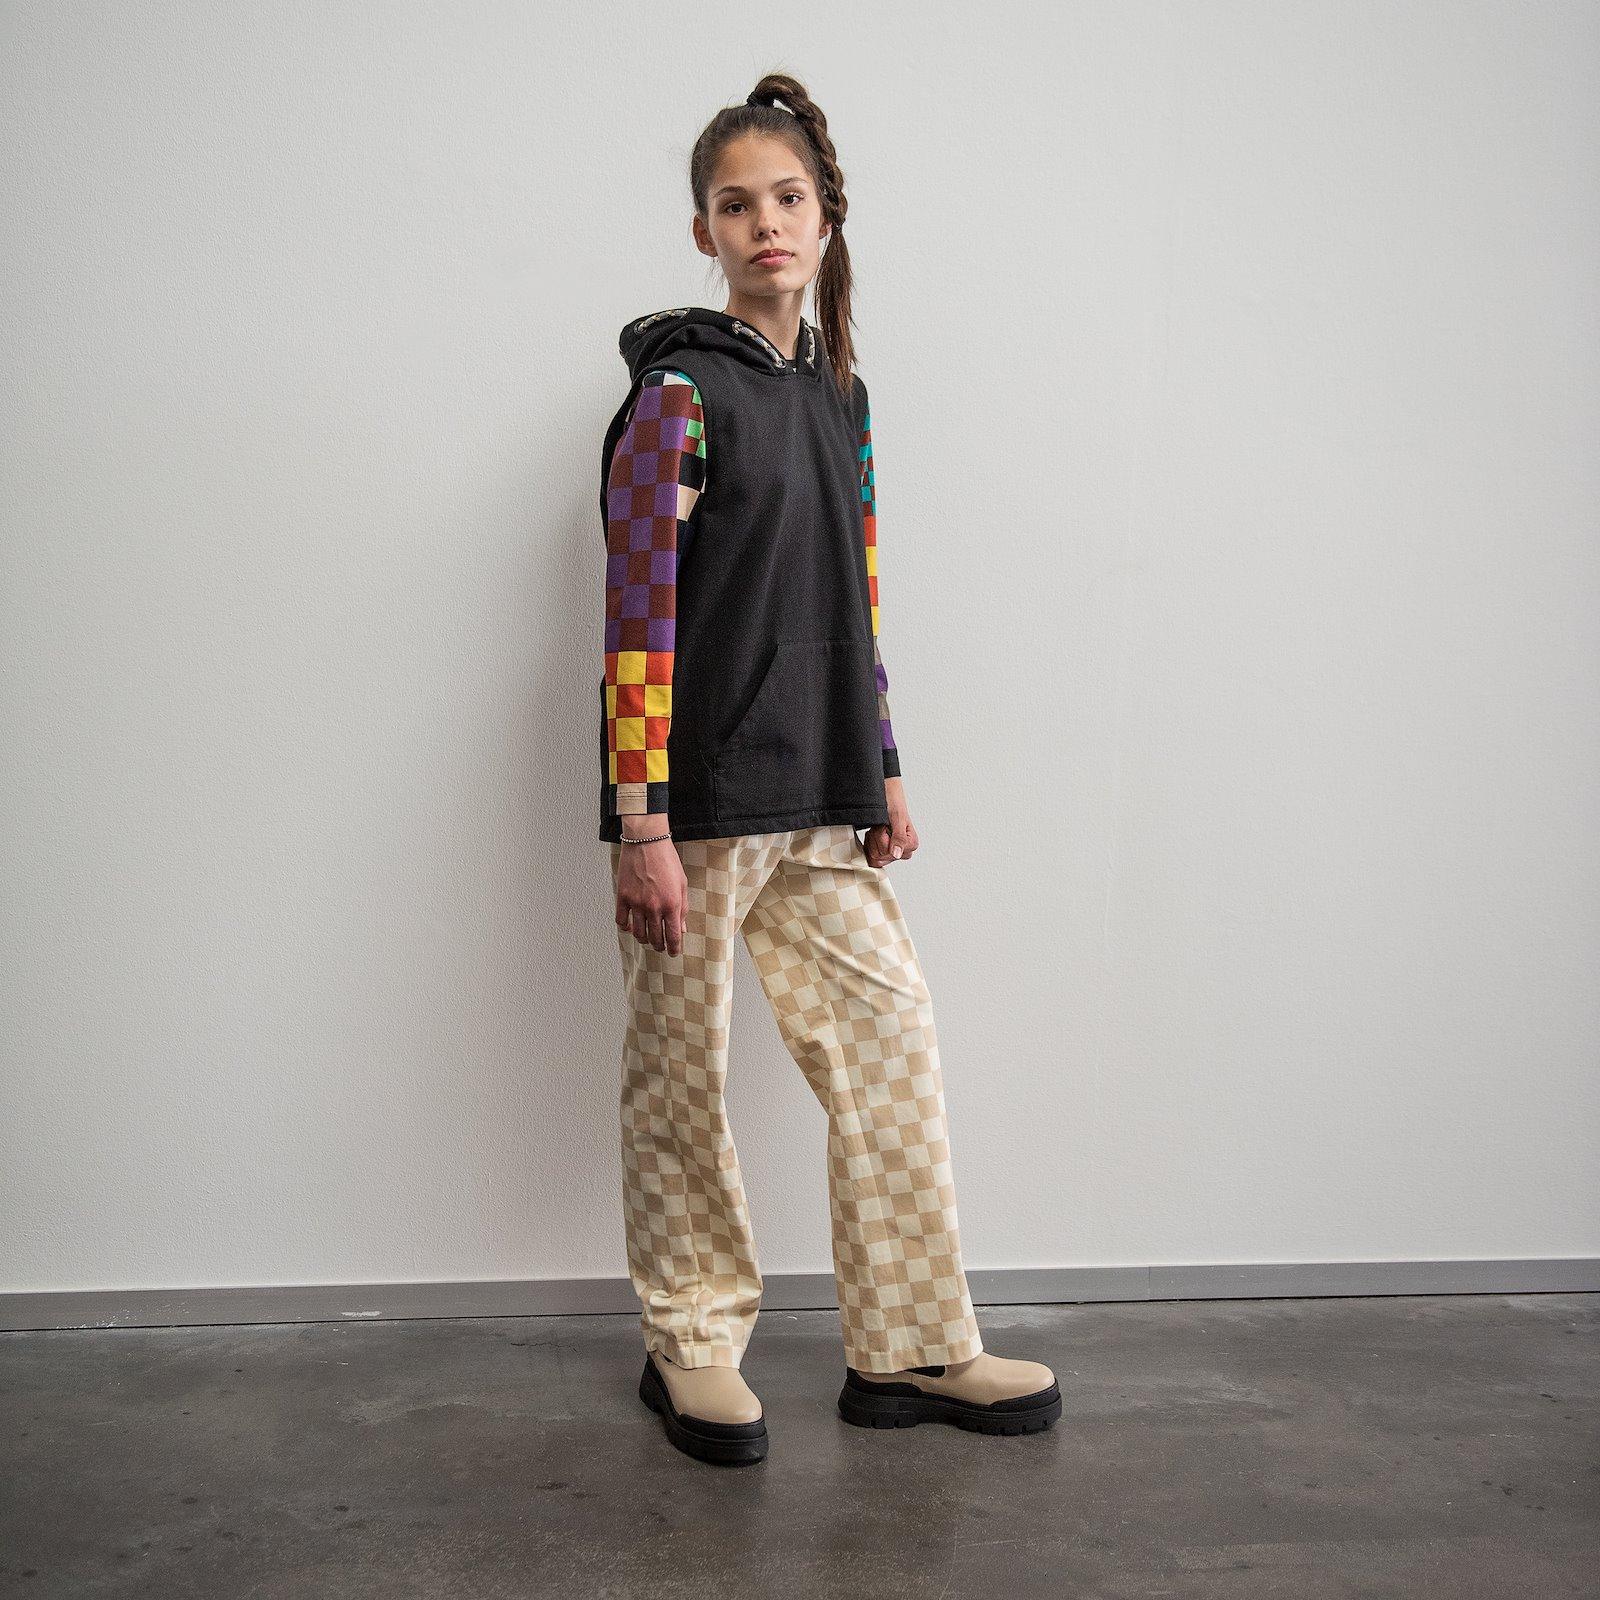 Hoodie waistcoat, 164/14y p62021_211759_230638_43690_22276_p62017_272807_p60034_420420_sskit